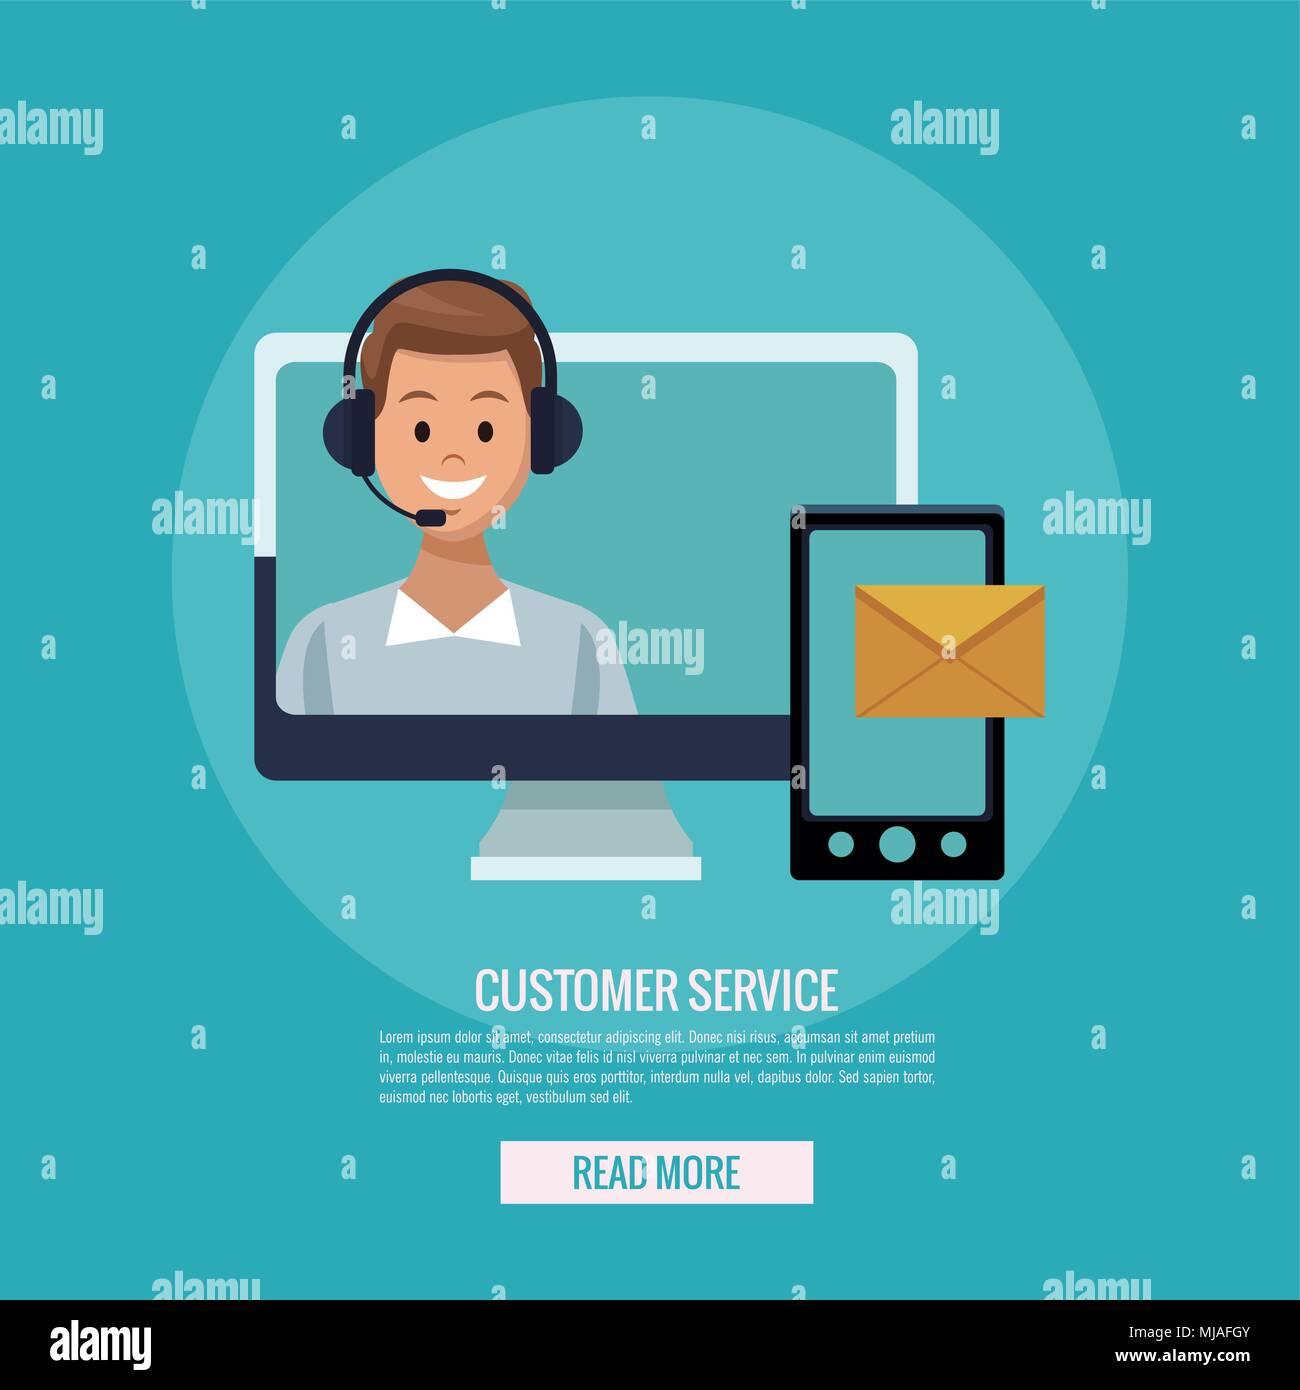 Online customer service - Stock Vector